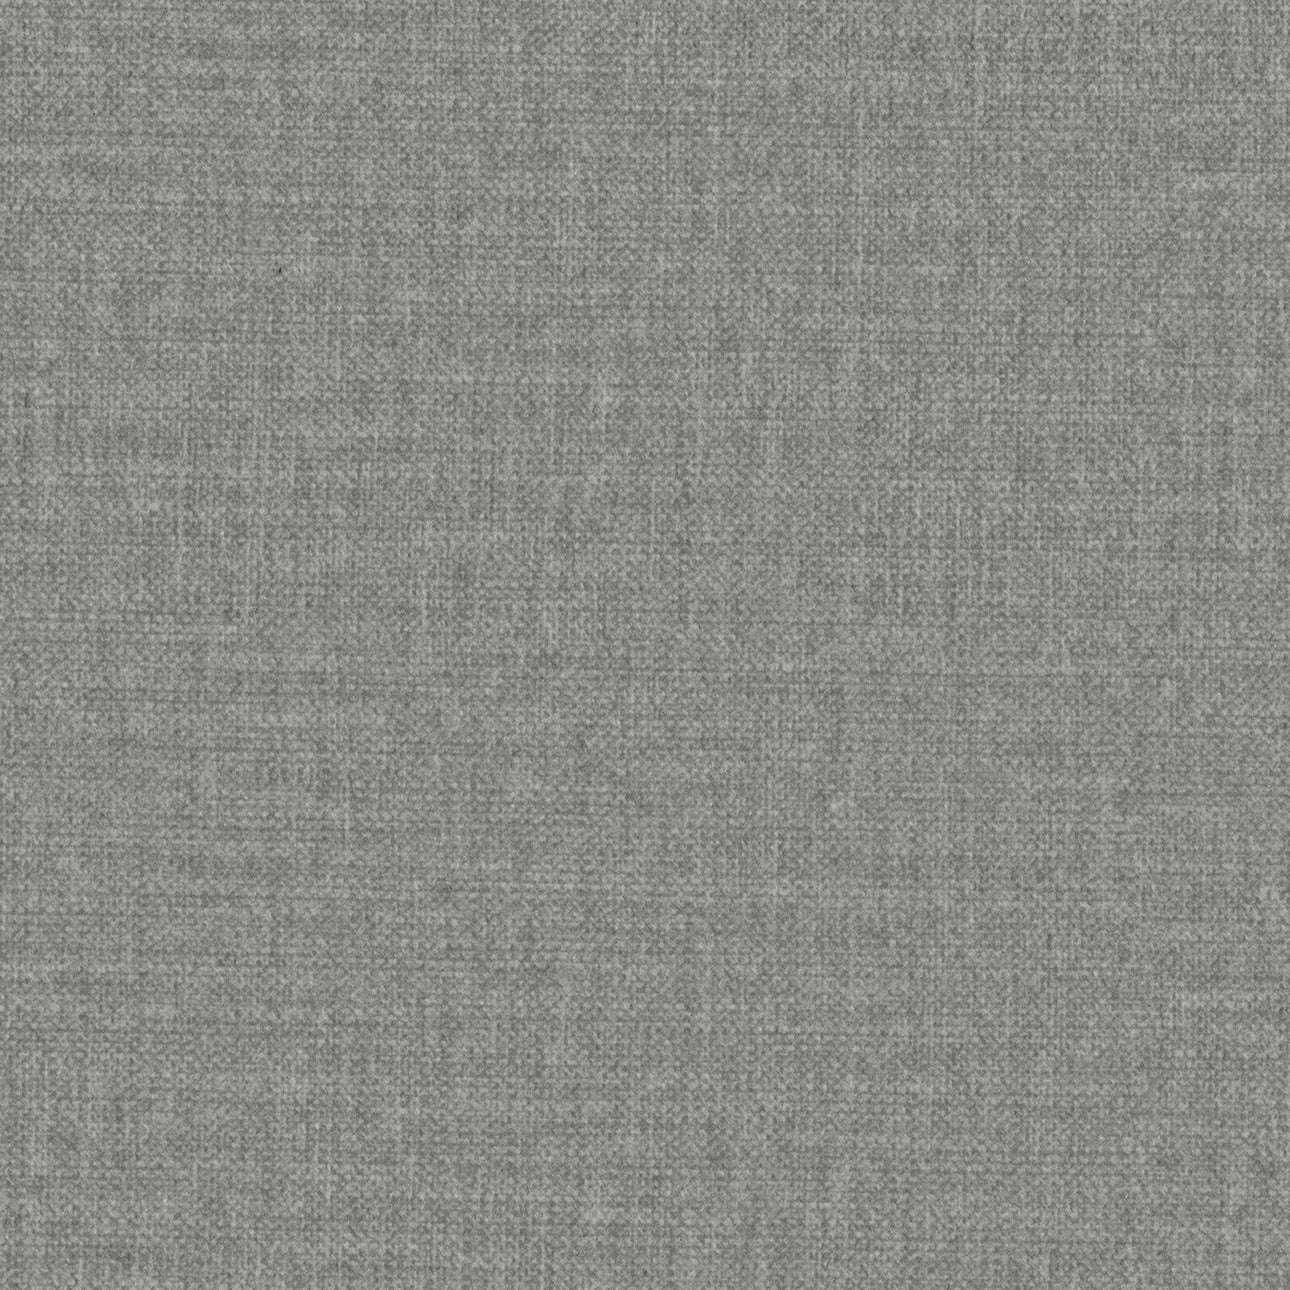 Ekeskog Schlafsofabezug von der Kollektion Ingrid, Stoff: 705-42